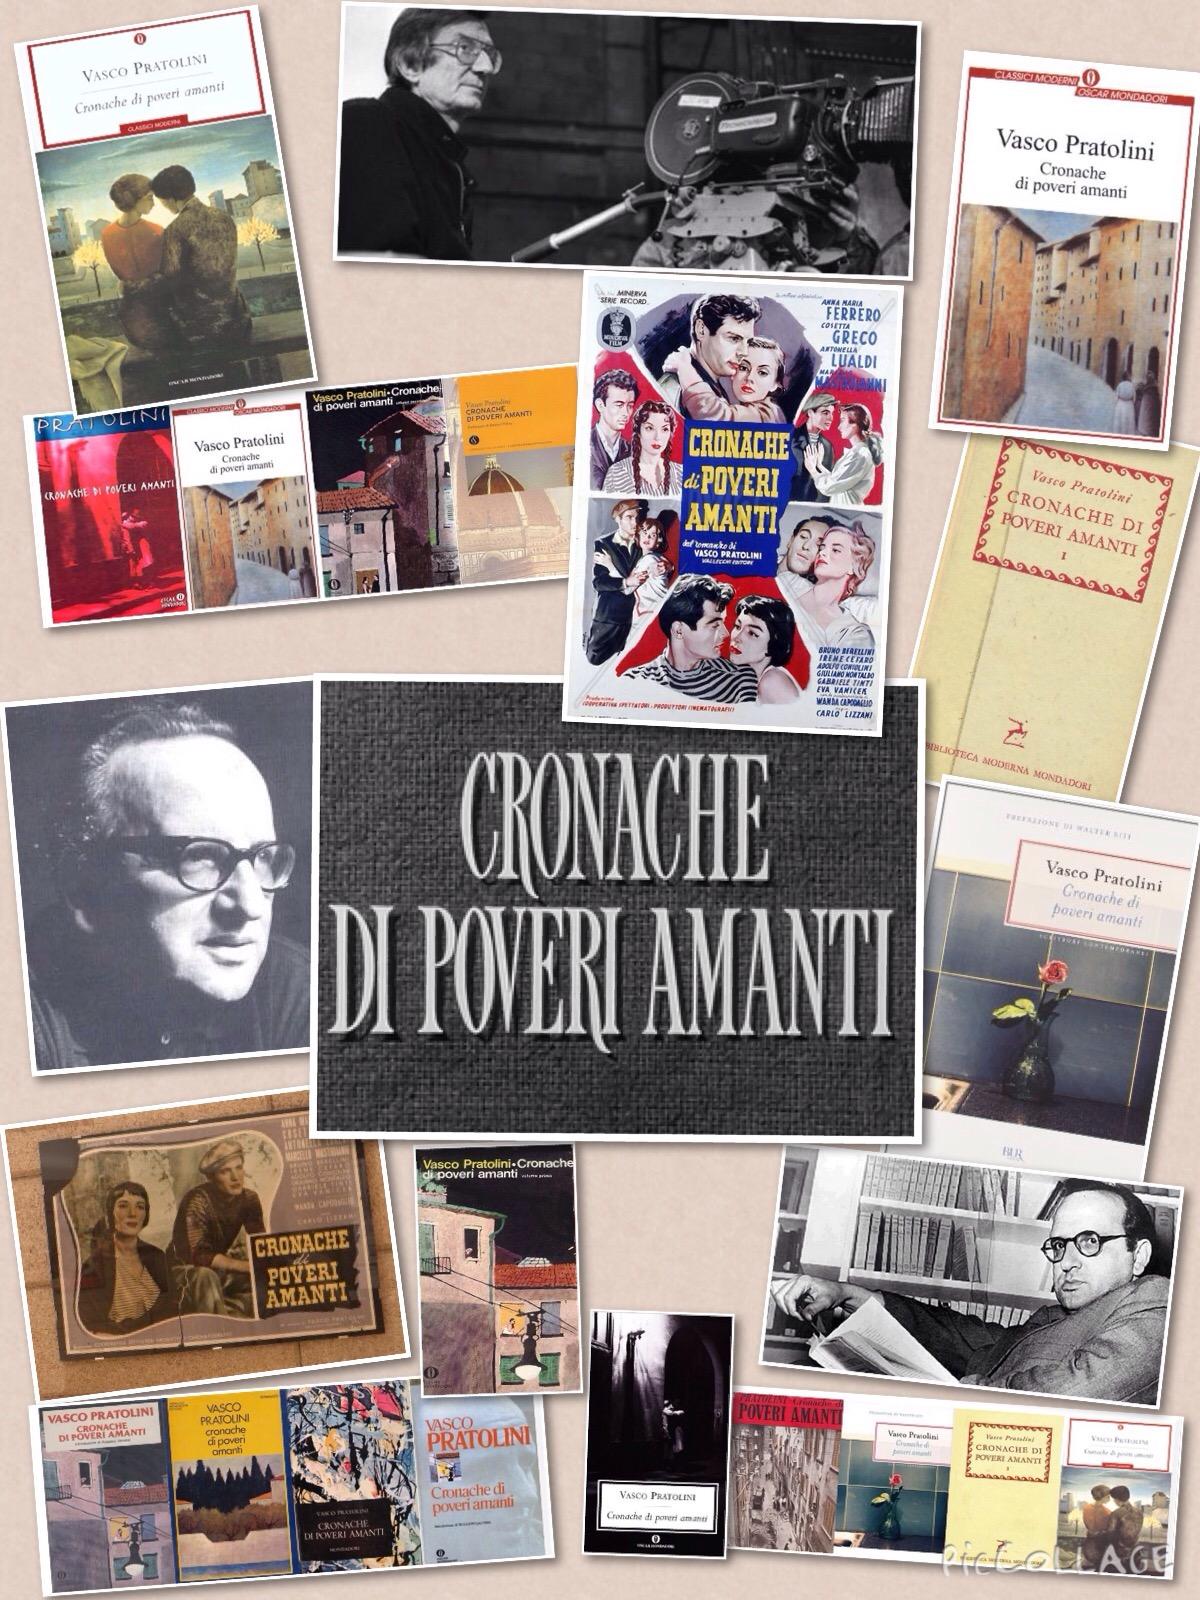 Vasco Pratolini, Cronache di poveri amanti